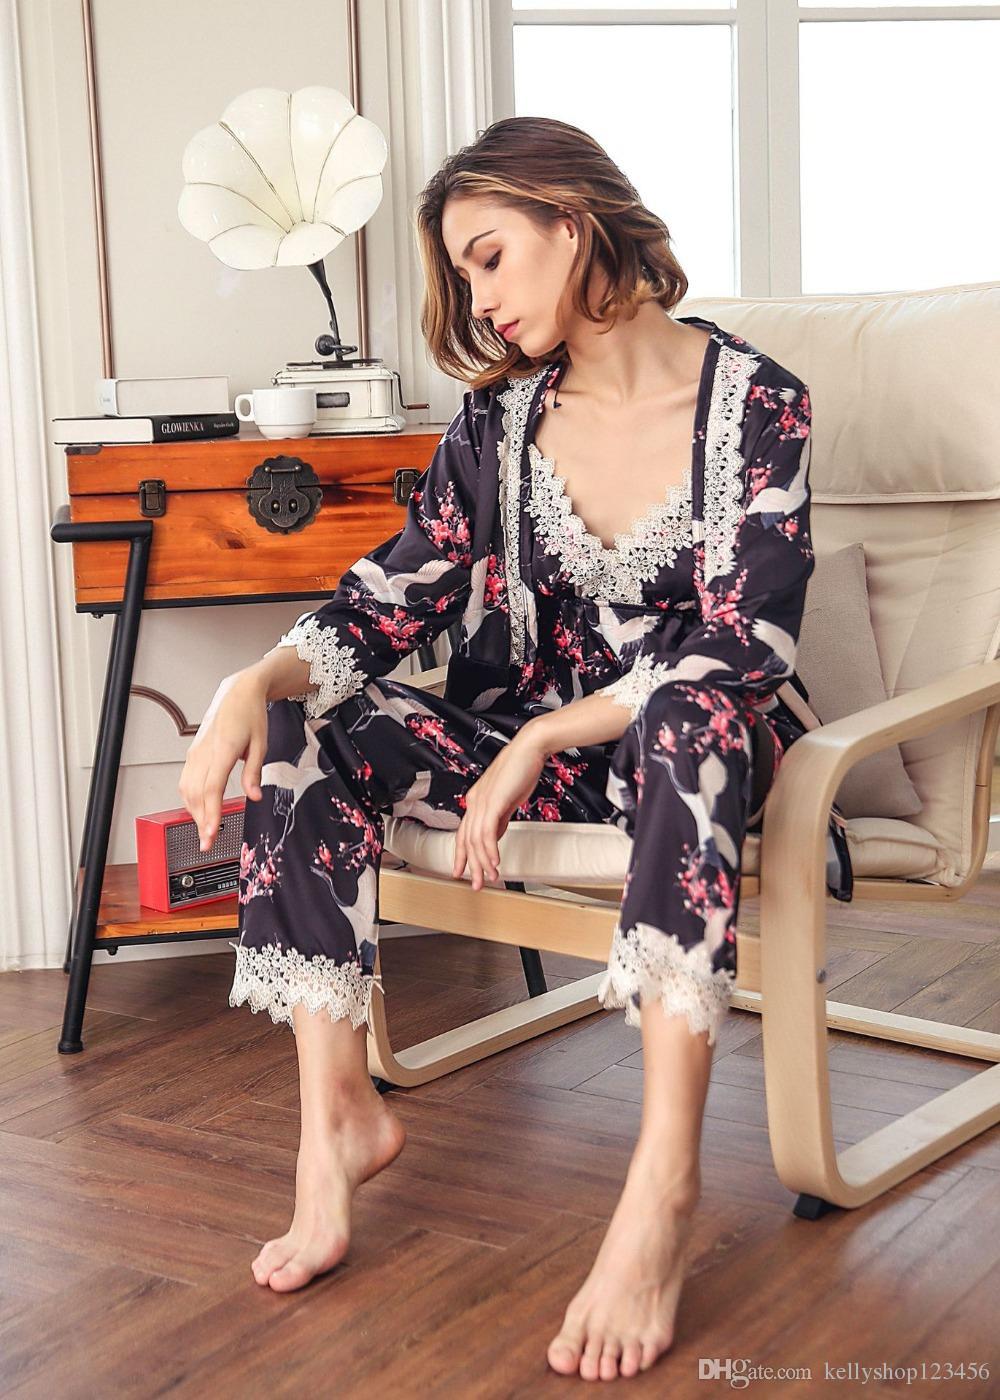 1aec6c0e32611 ... Весенние женские точки с длинными рукавами, штаны, комплекты, пижамы,  домашняя одежда,